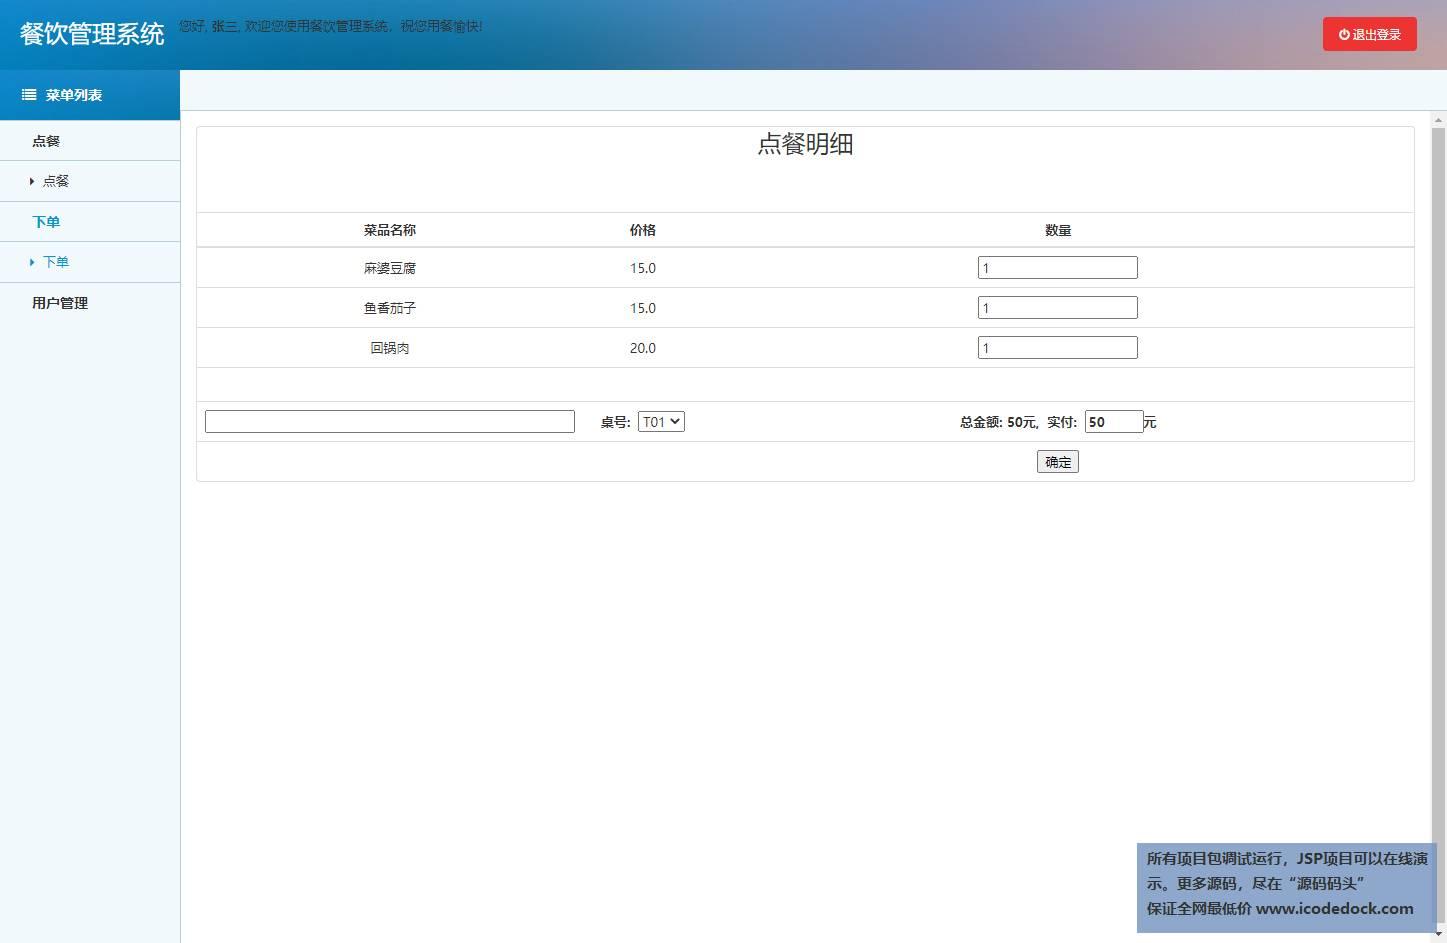 源码码头-SSM在线餐饮管理系统-用户角色-提交订单